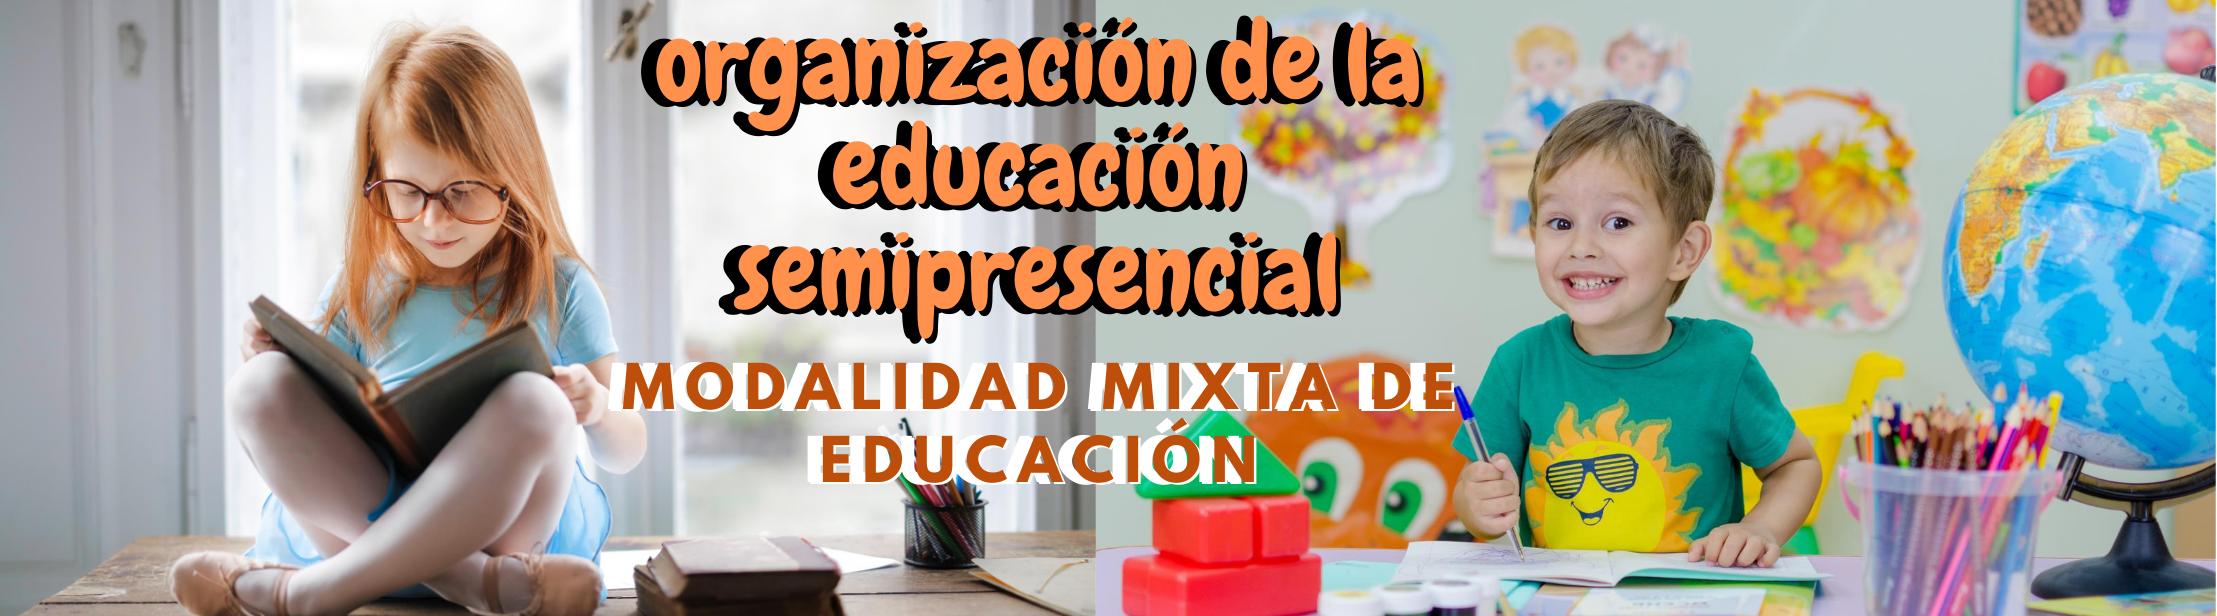 Organización de la educación semipresencial. Modalidad Mixta de Educación